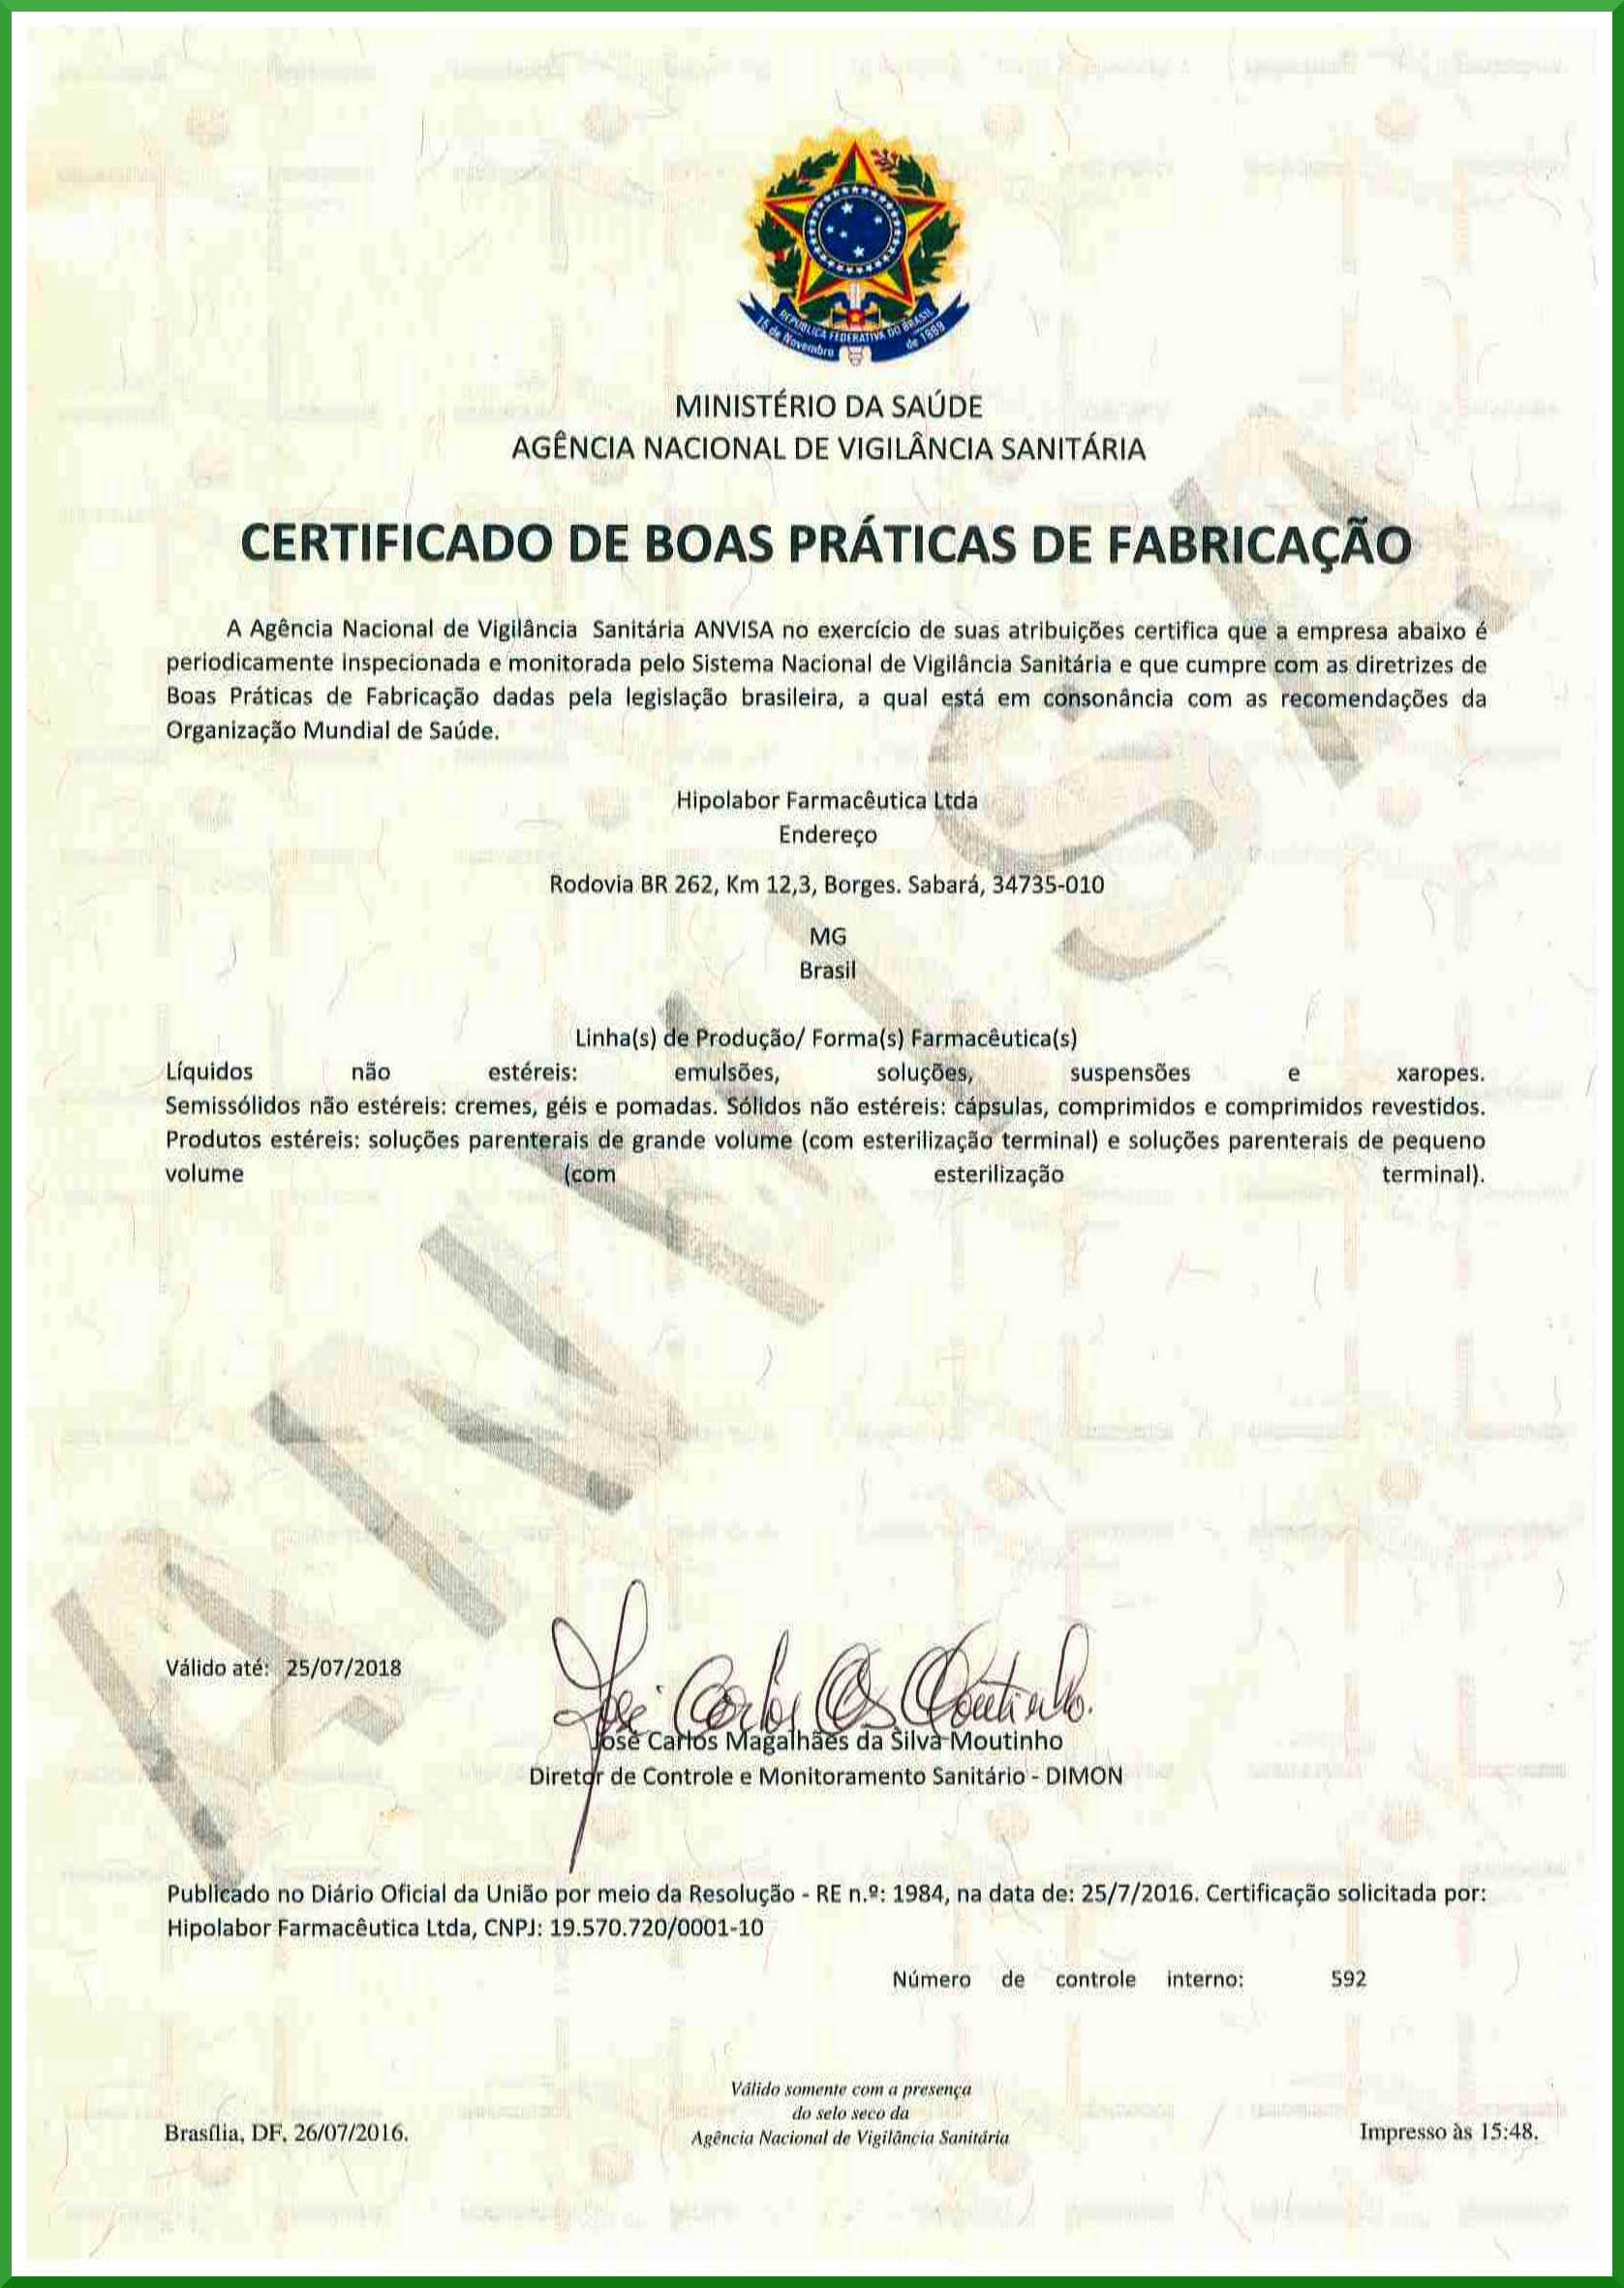 Certificado BPF 2016